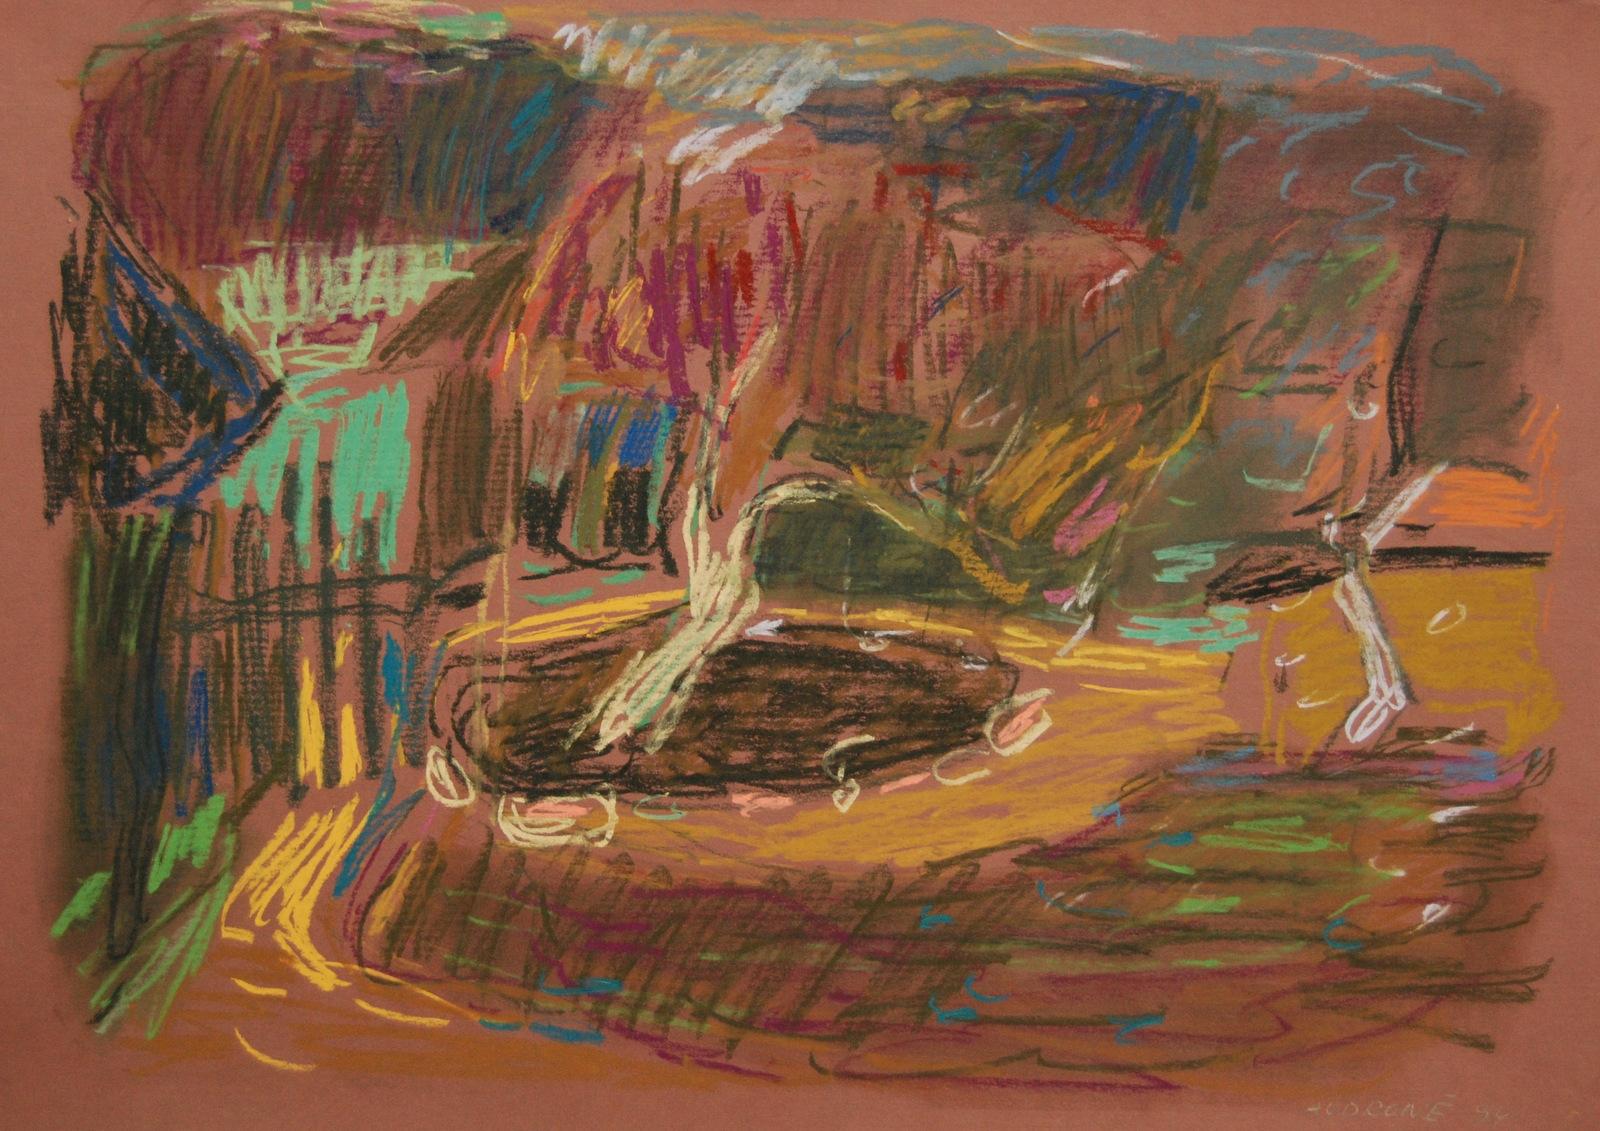 Be pavadinimo, 1994, popierius, pastelė, 45x64cm